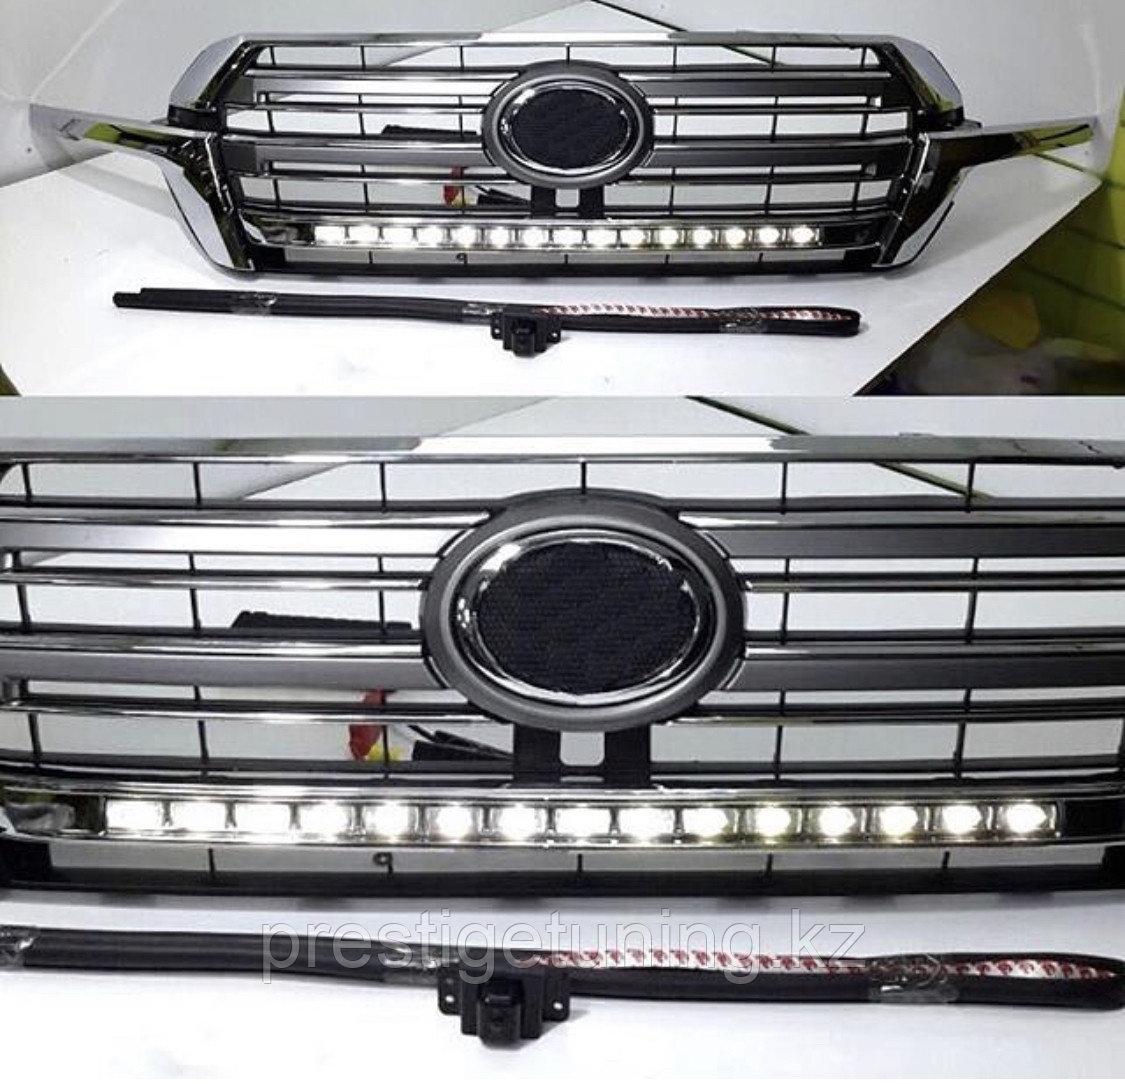 Решетка радиатора с подсветкой на Land Cruiser 200 2016-21